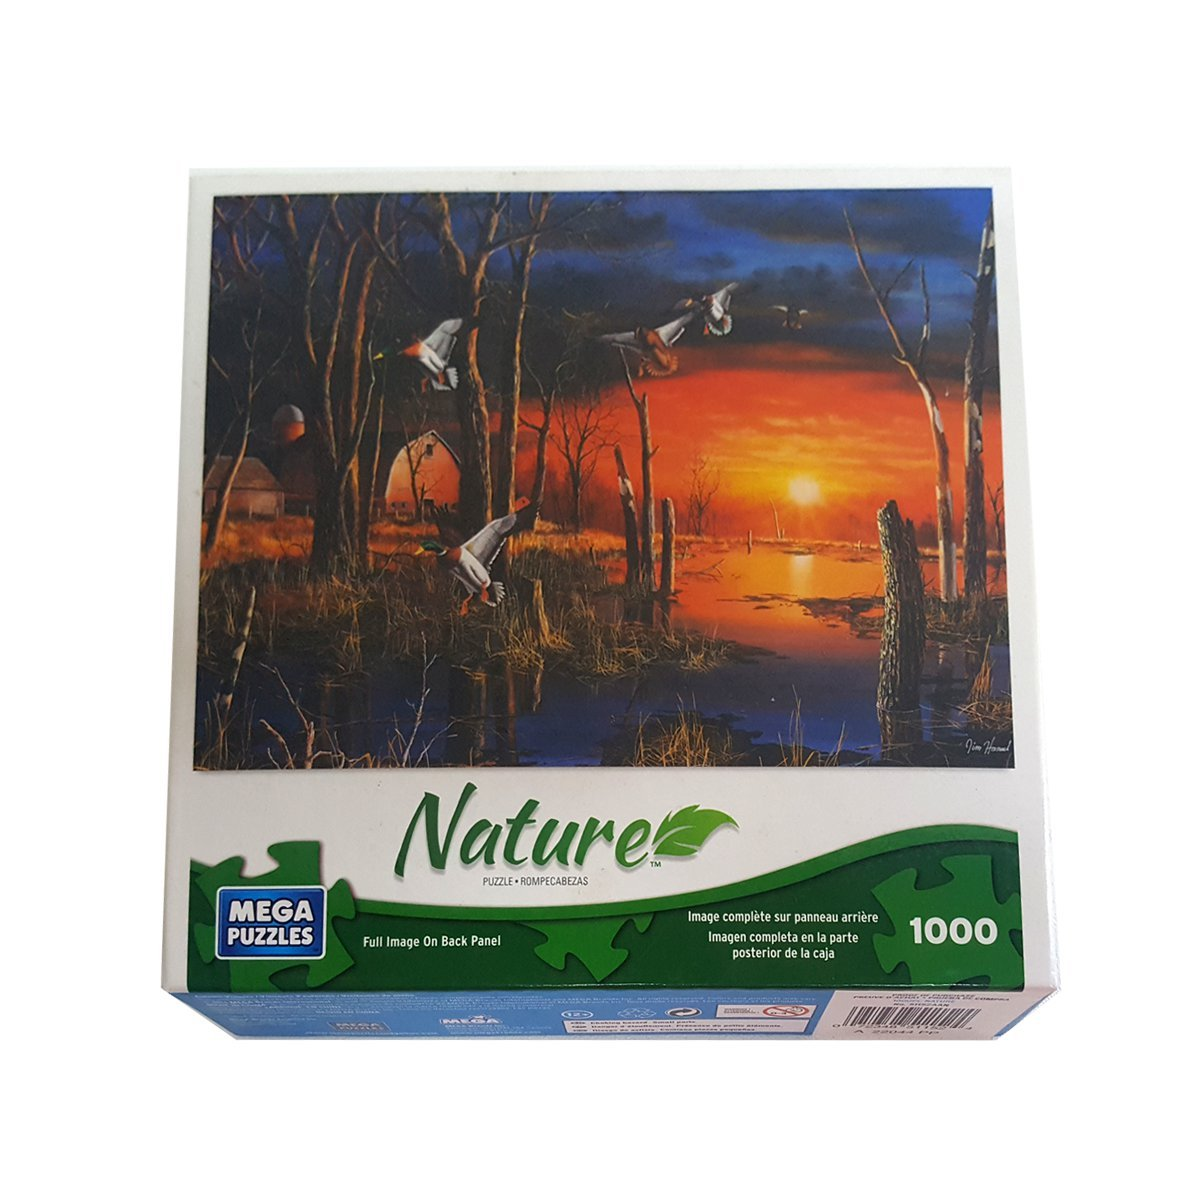 品質検査済 Nature B07FFHF953 Autumn Nature Visitors 1000ピースジグソーパズル Visitors B07FFHF953, パオコーヒー:d4df0a60 --- a0267596.xsph.ru